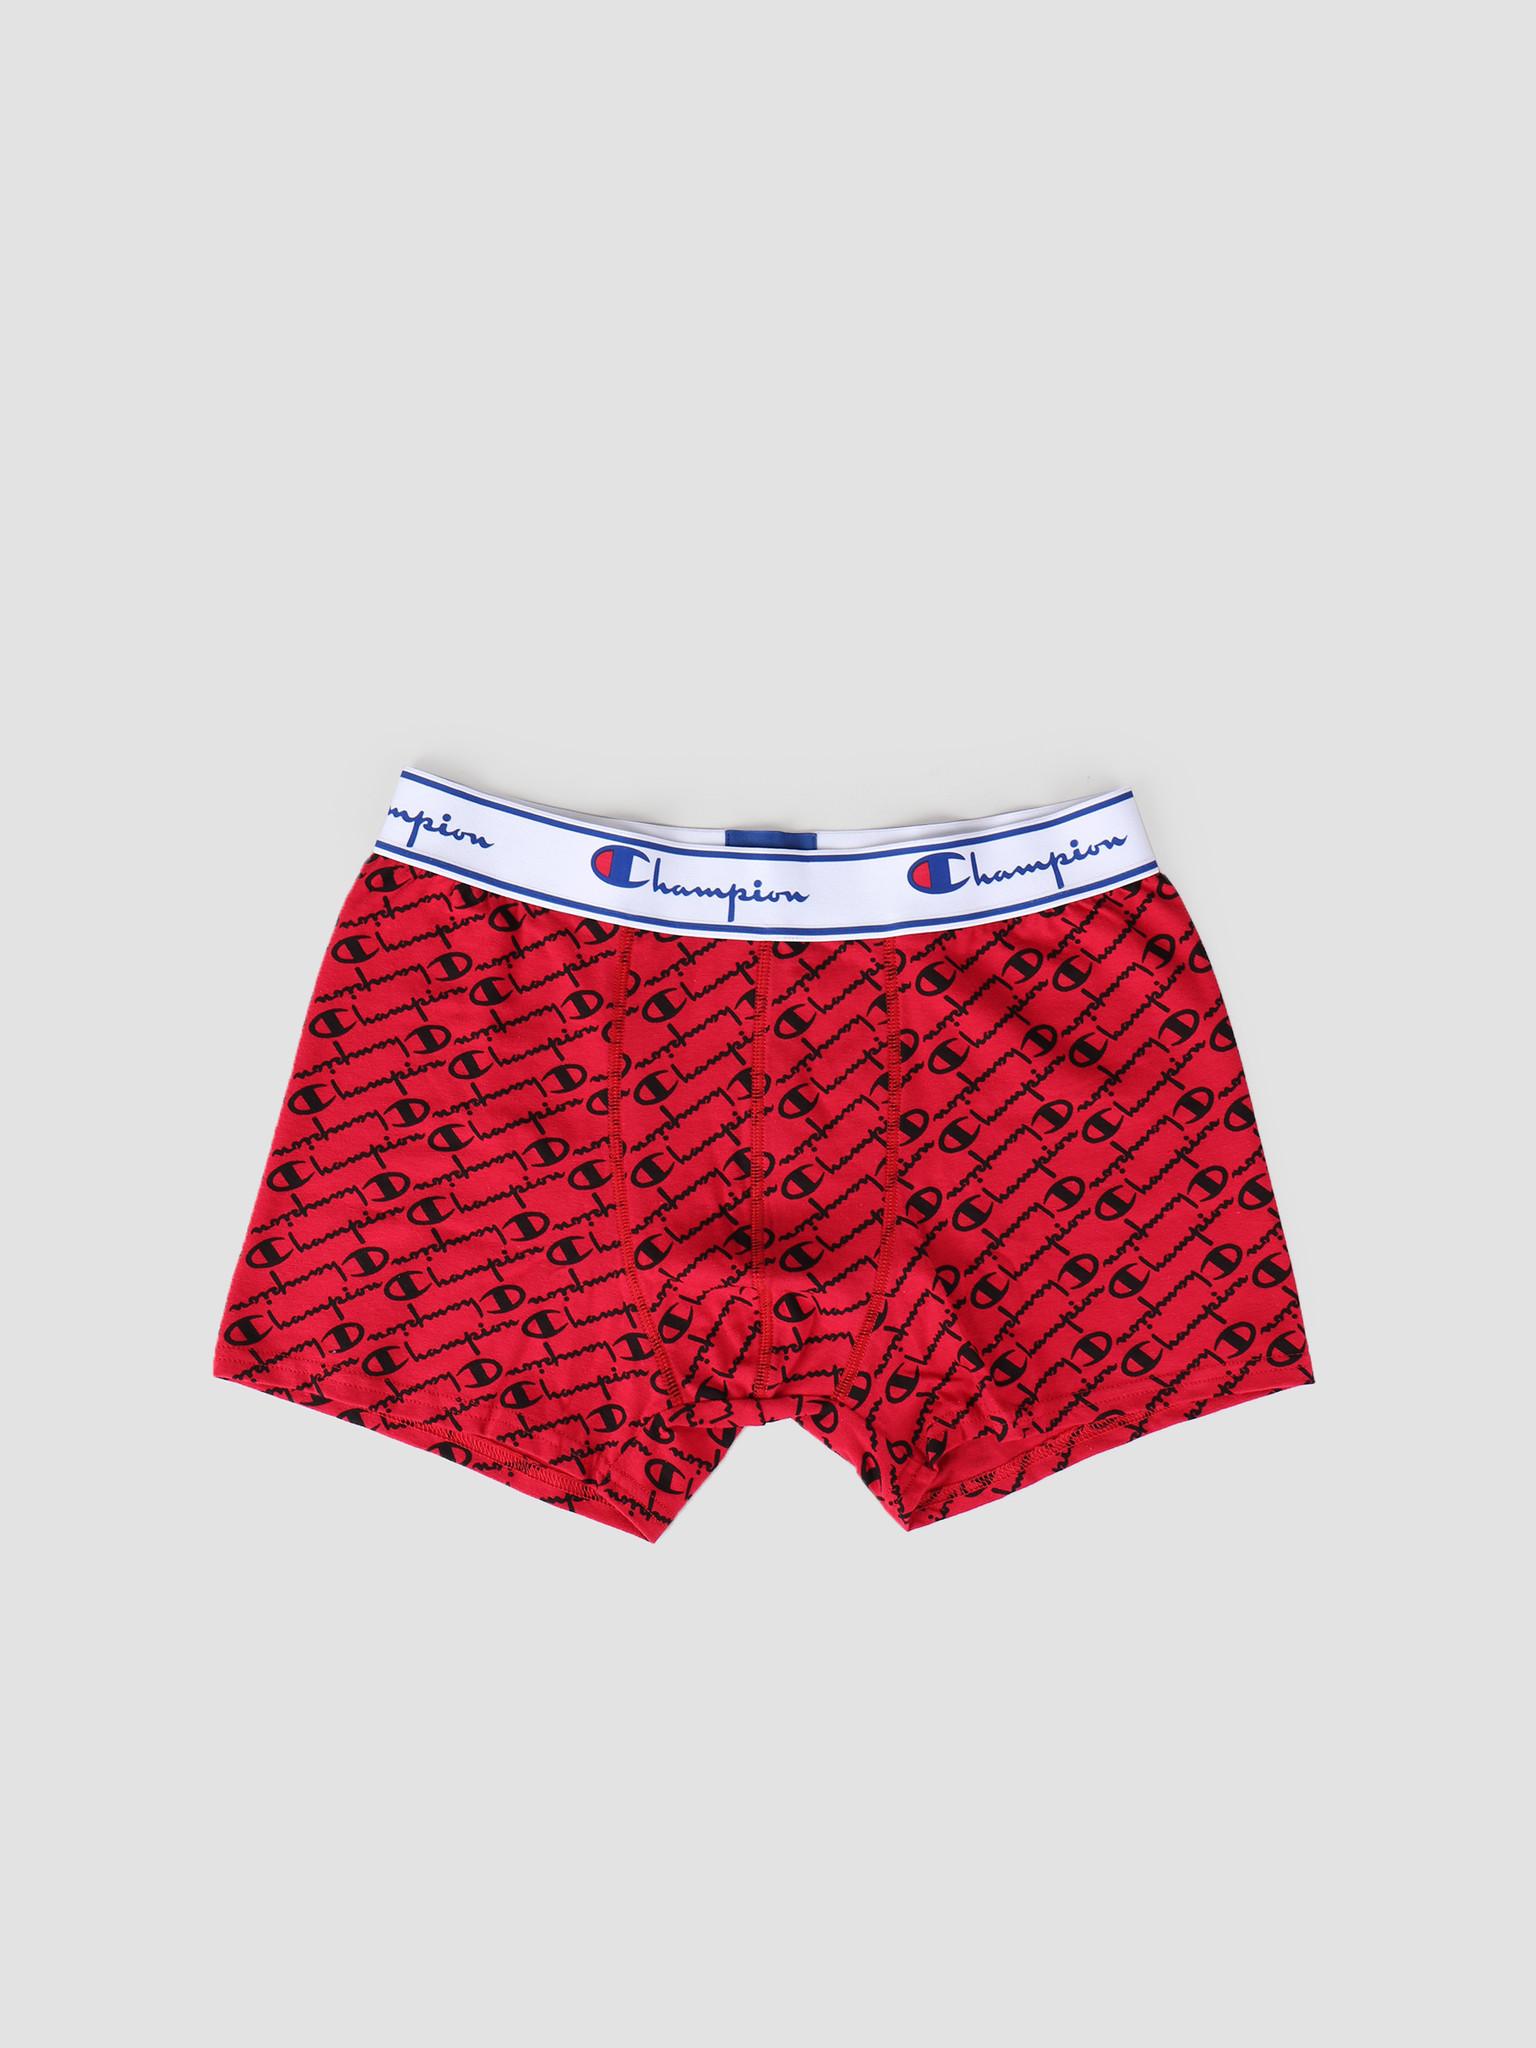 Champion Champion Boxer Cotton Mix Logo Print Red Black 372002